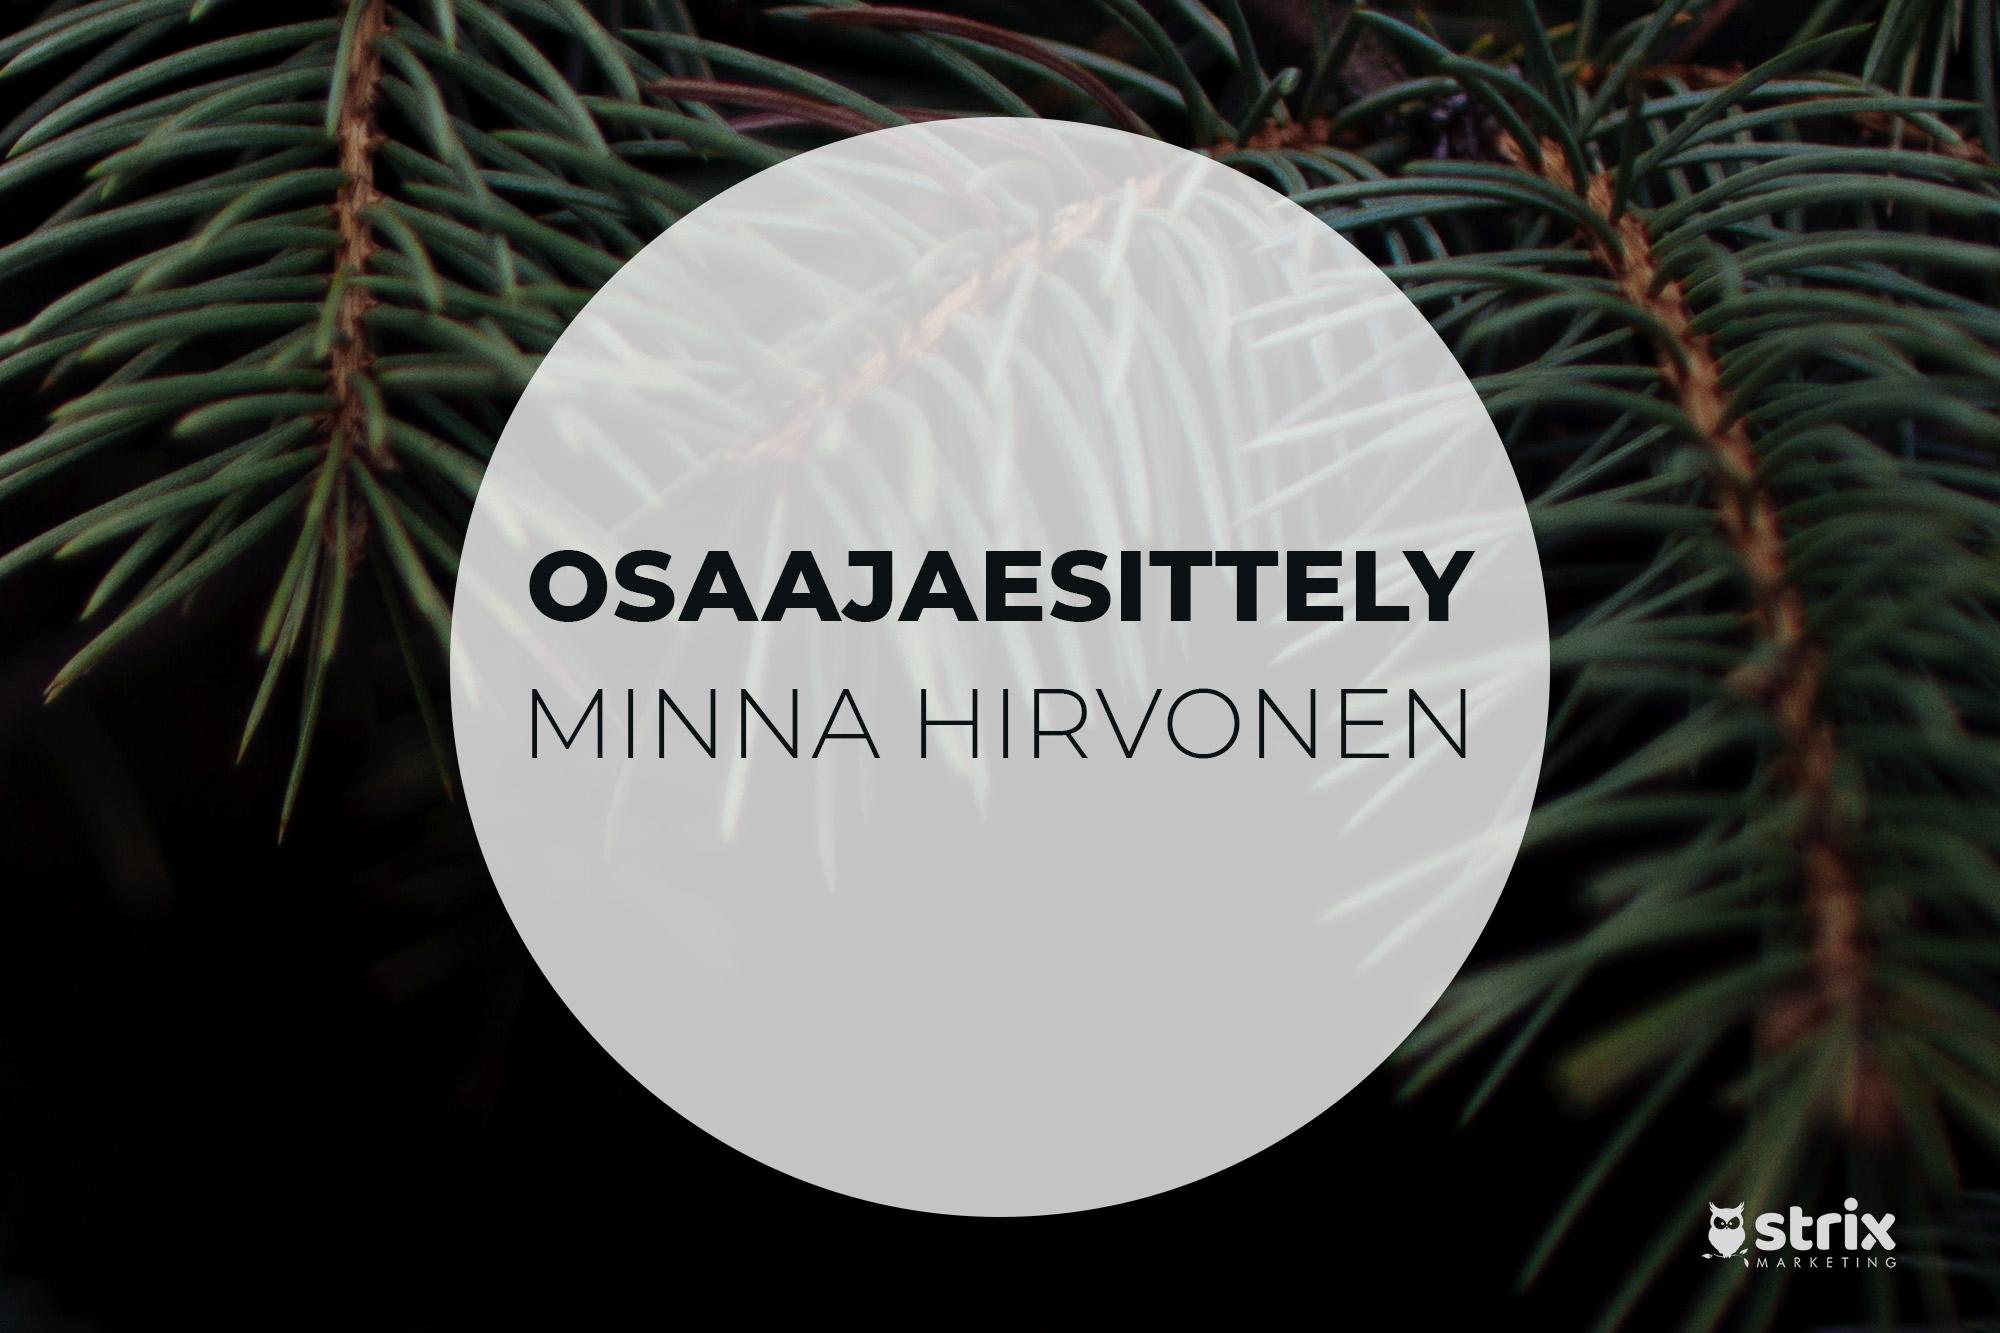 Osaajaesittely: Minna Hirvonen